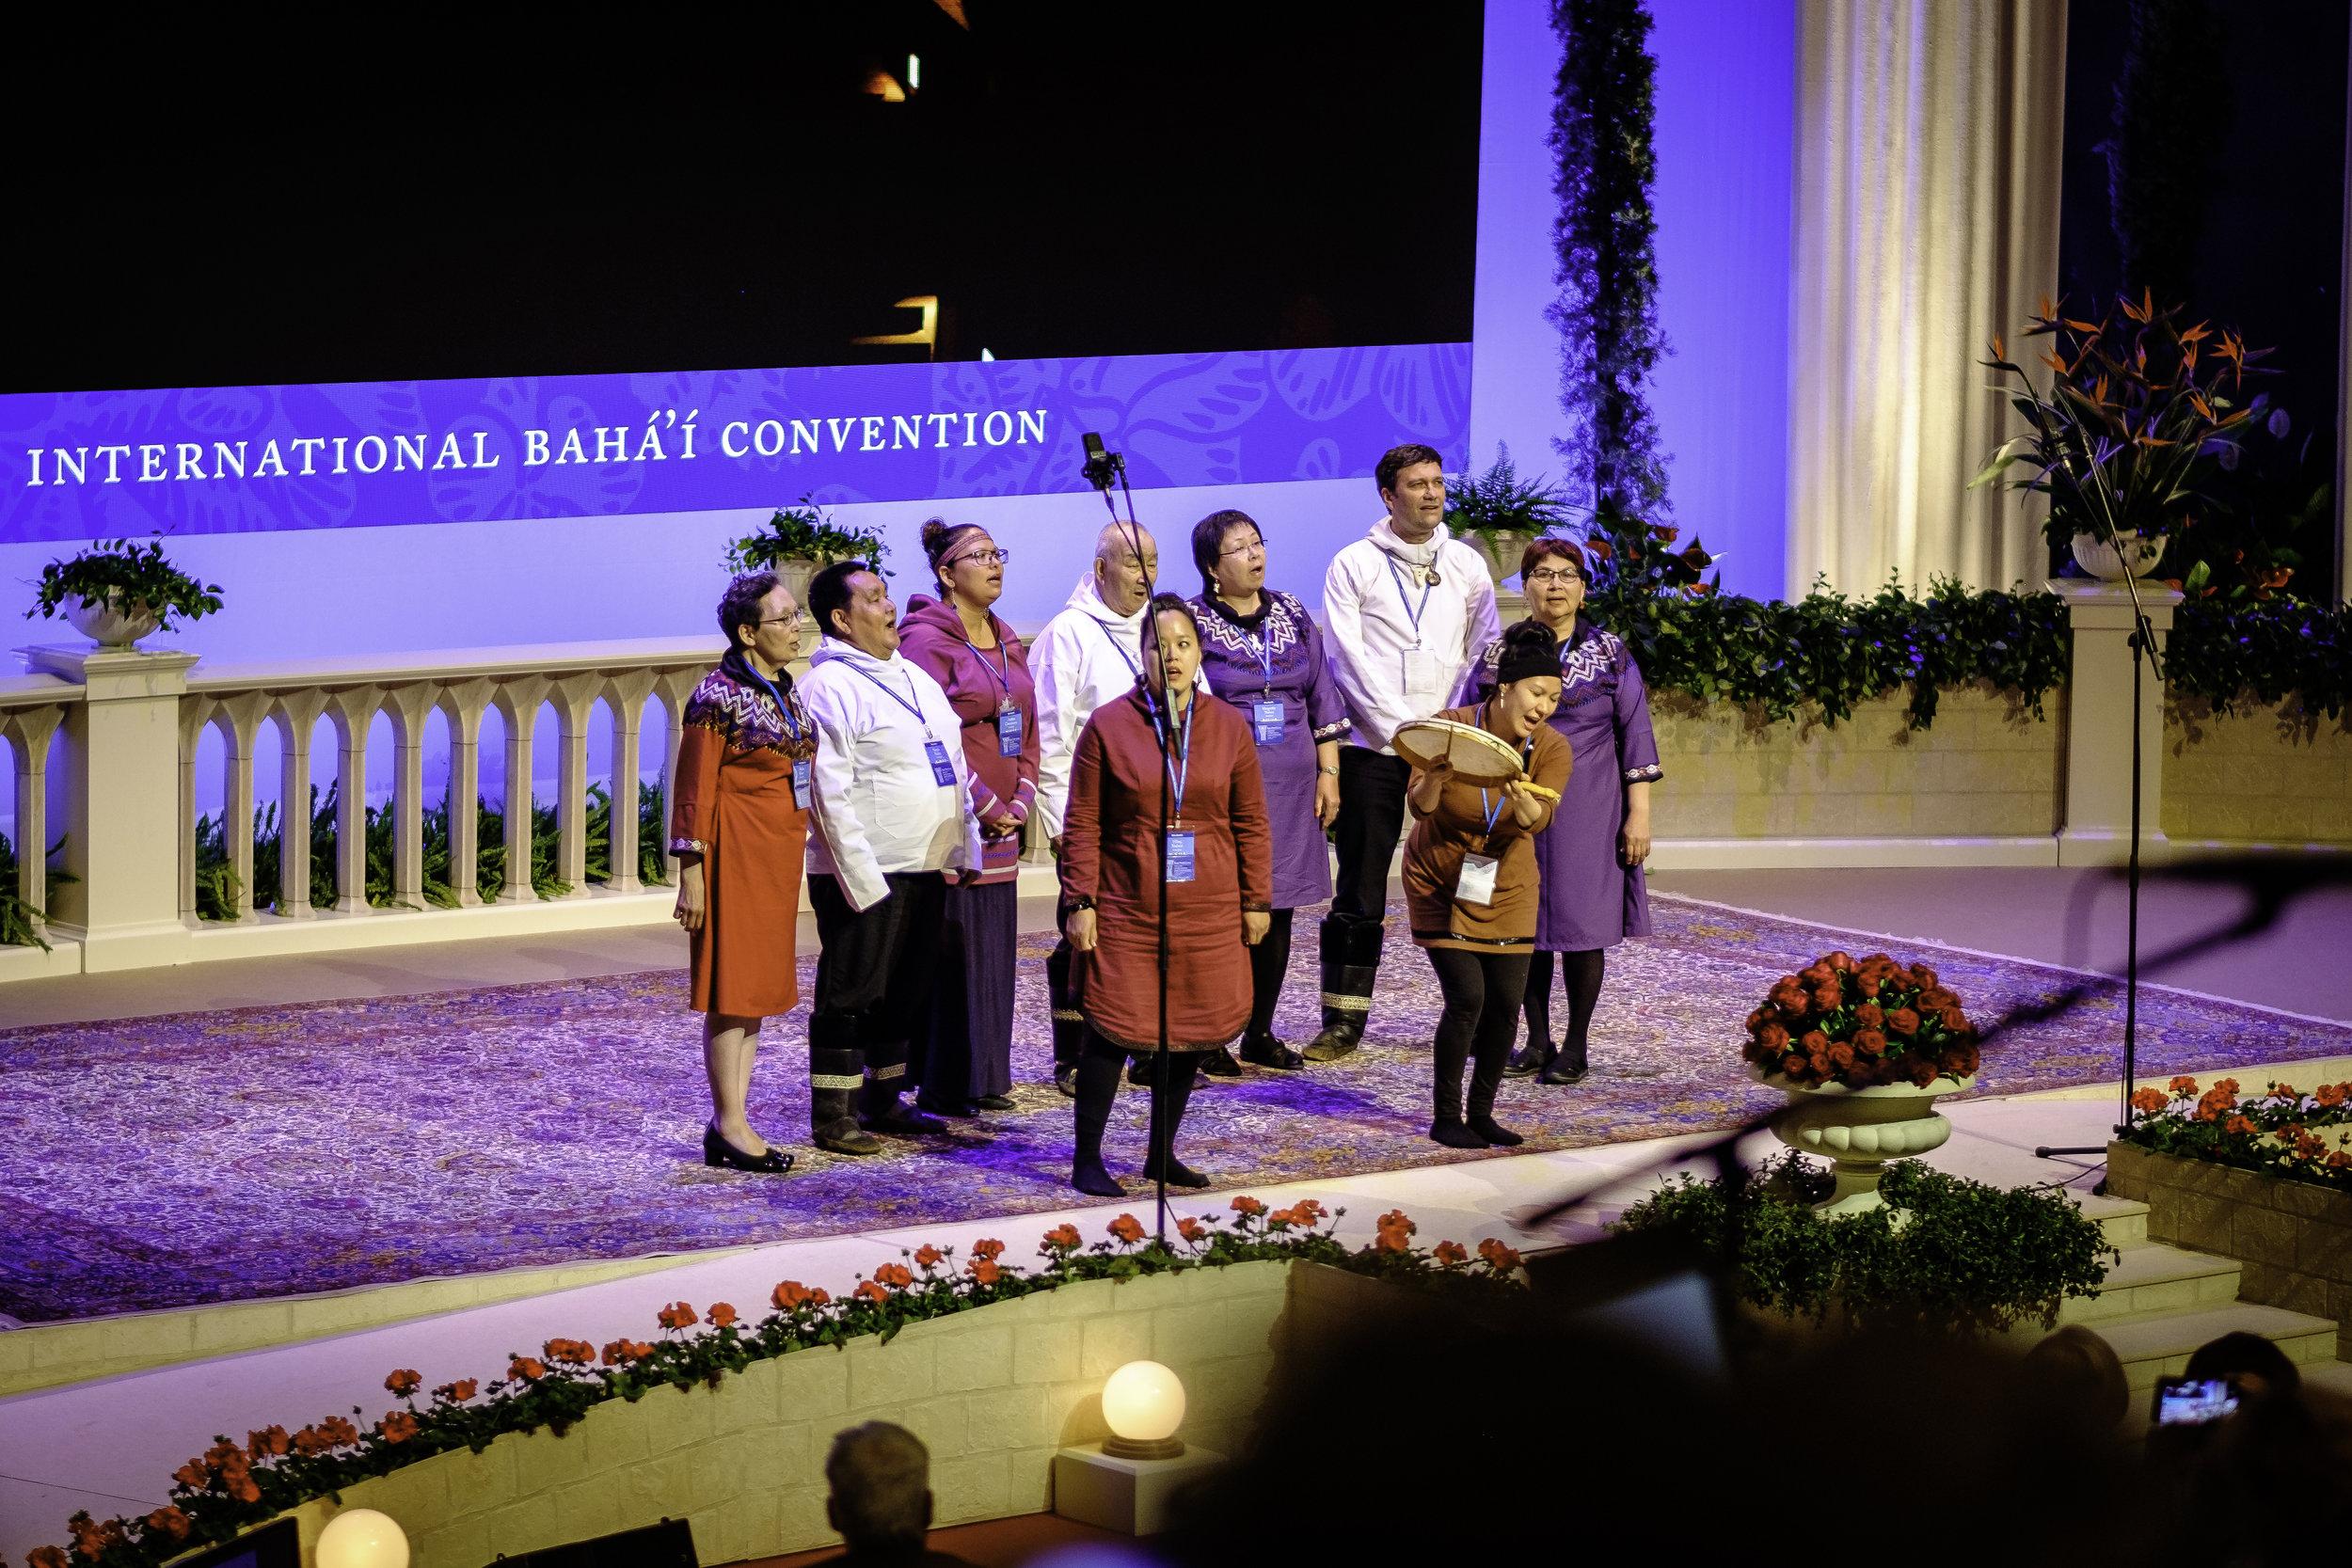 Delegater fra Grønland fremfører et musikalsk innslag. Foto: Nasjonalt Åndelig Råd.